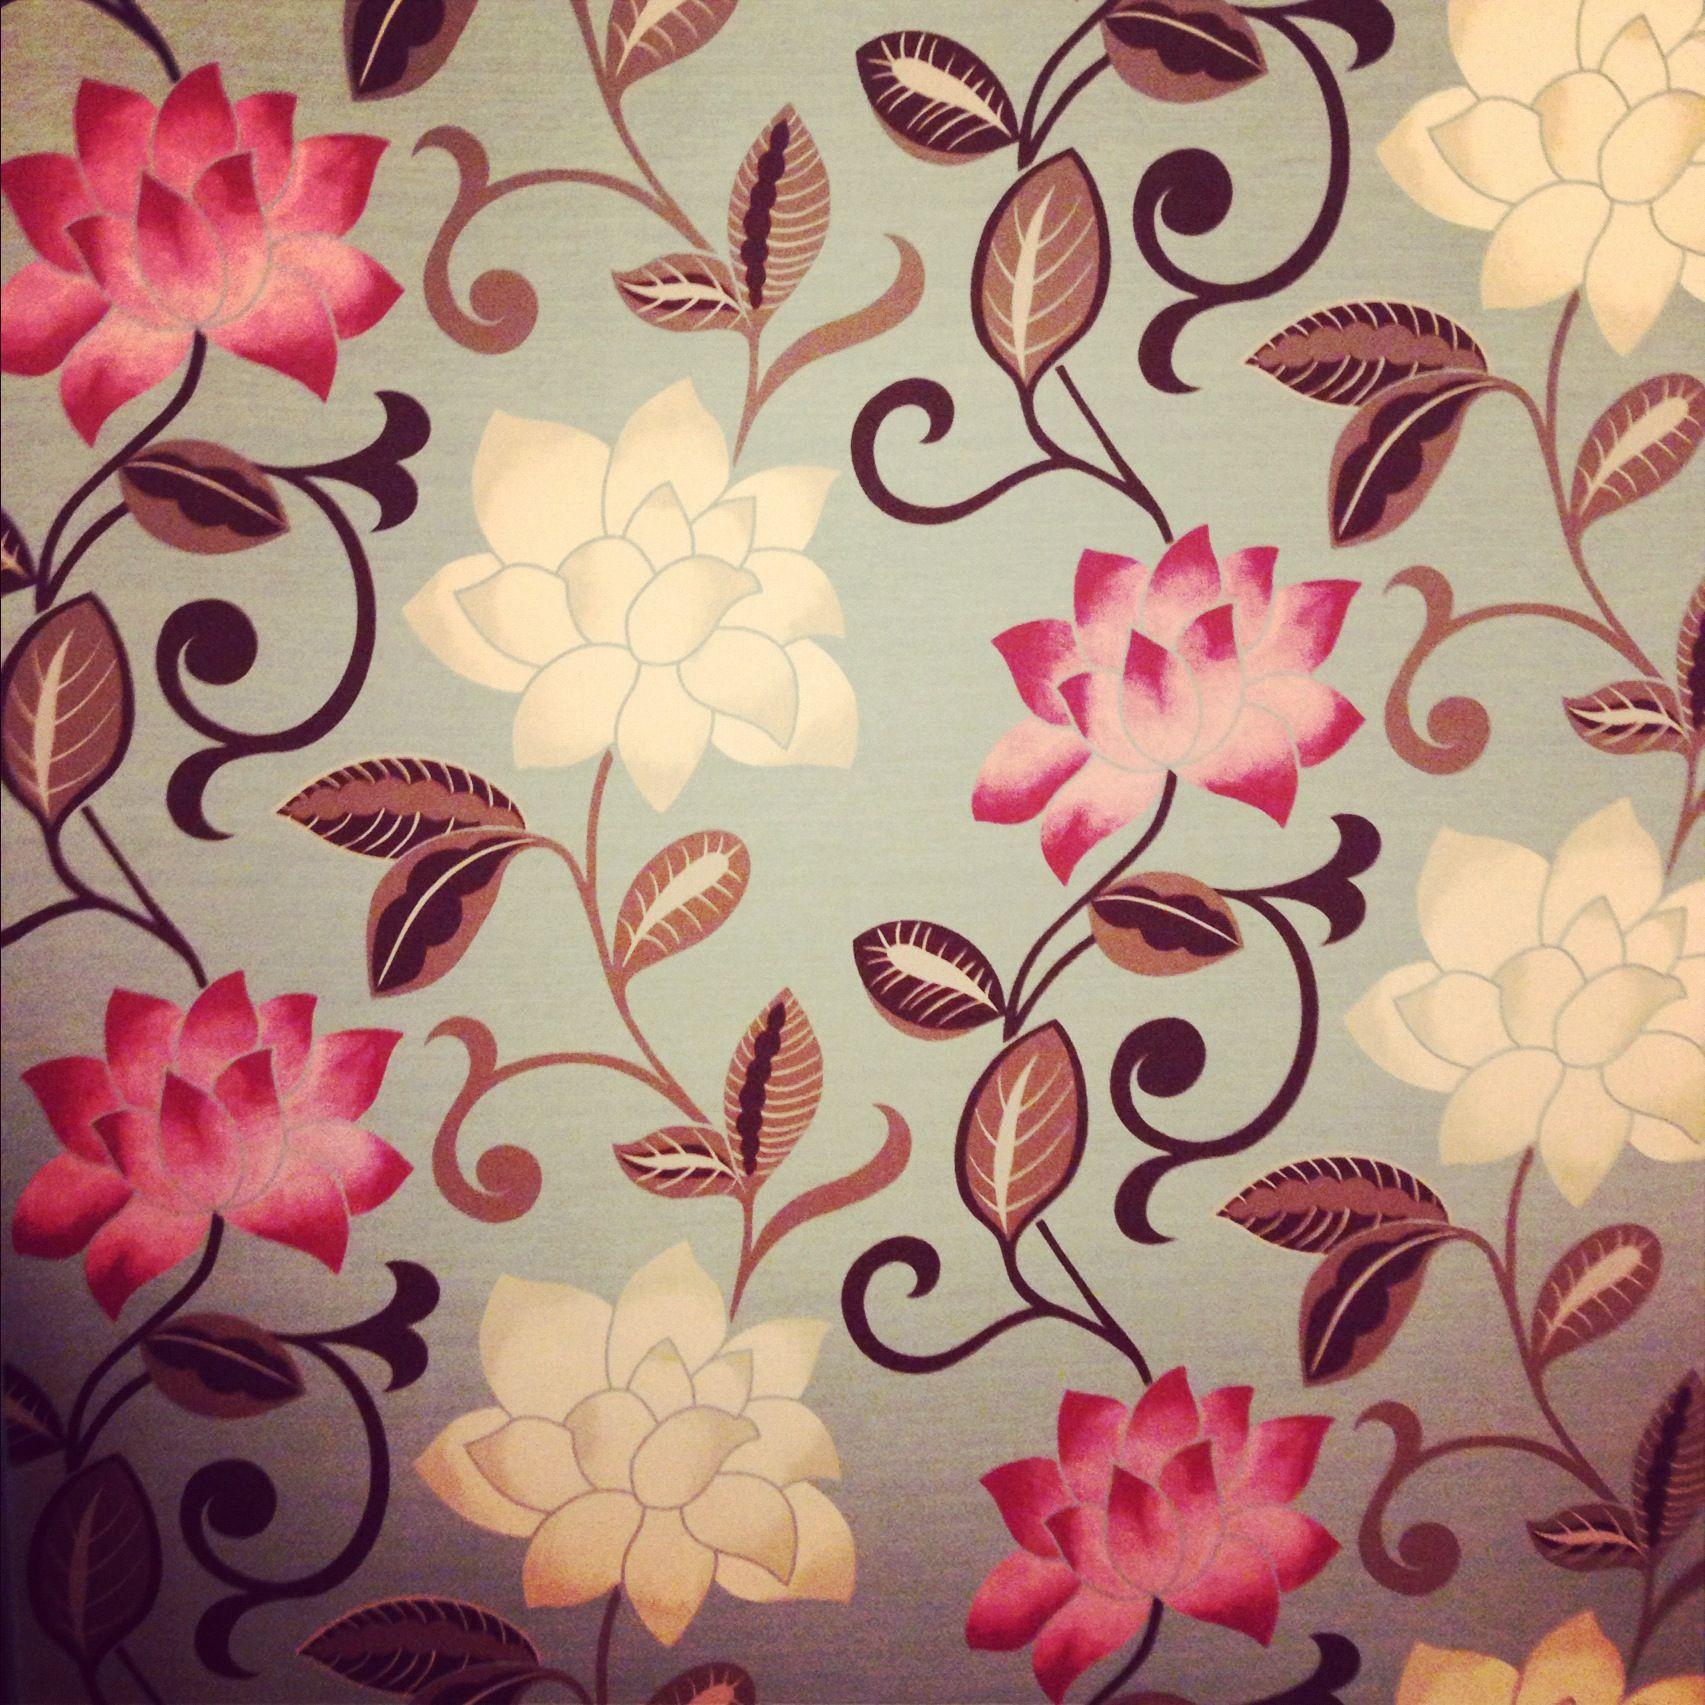 Oriental Lotus Flower Wallpaper Asian Flowers